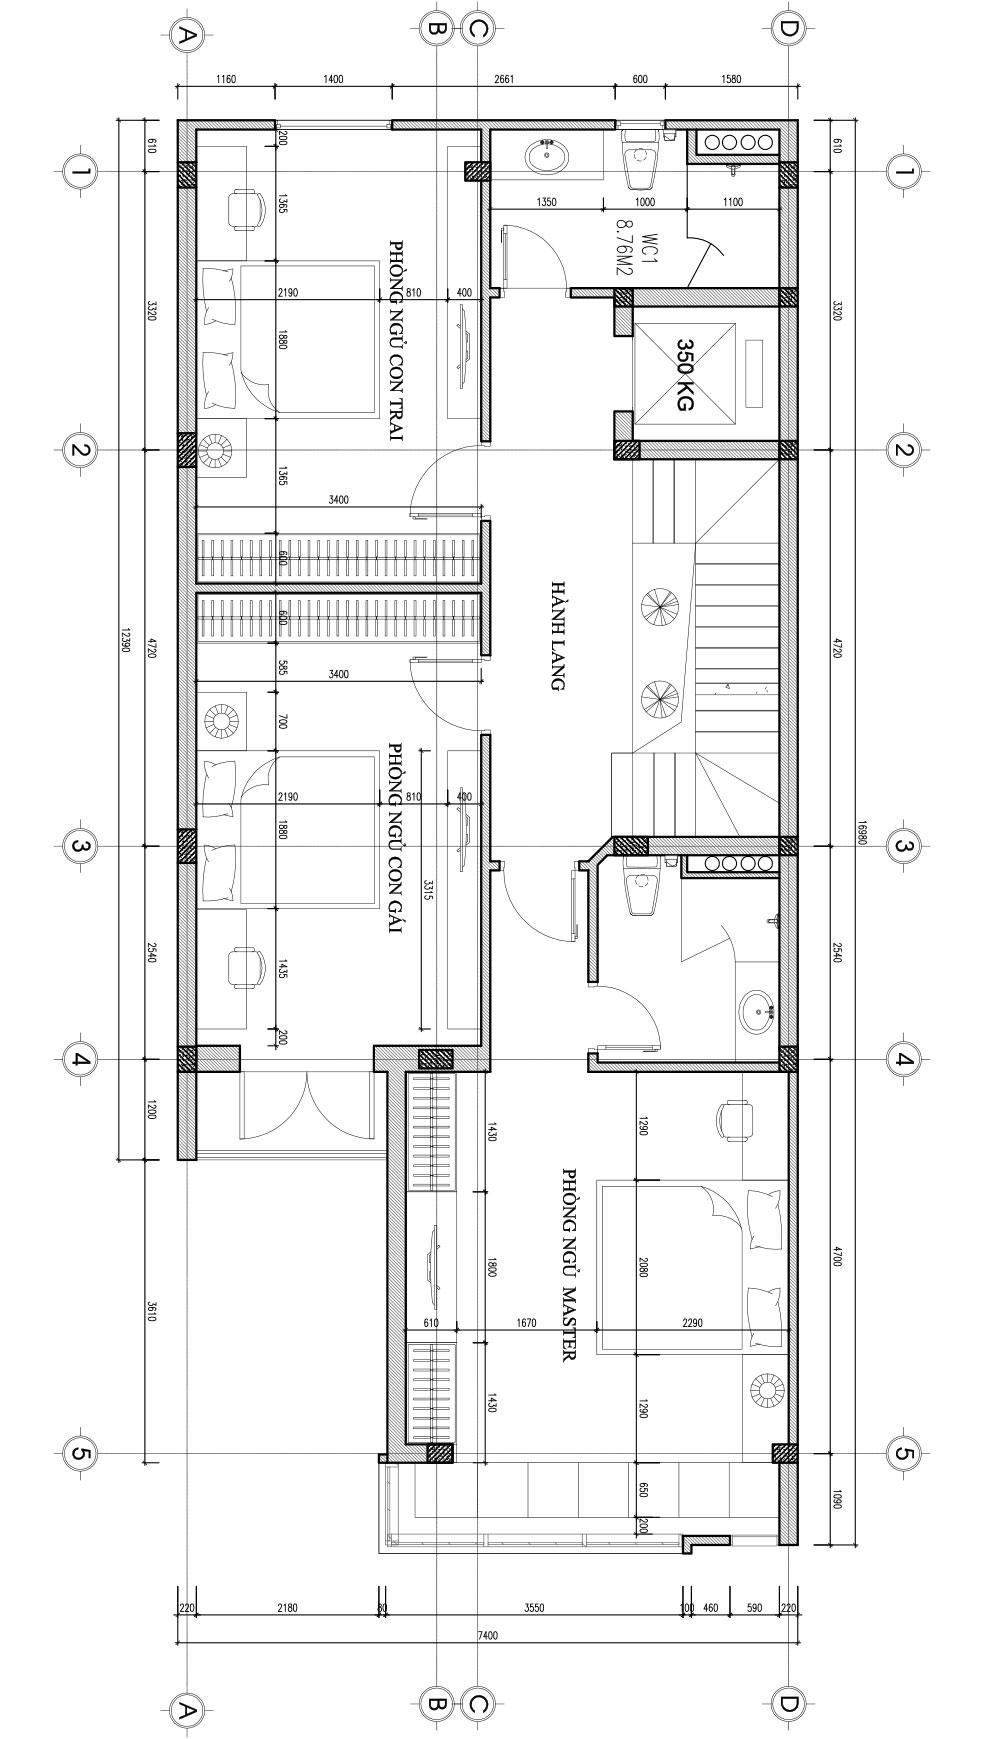 Bản vẽ thiết kế nhà liền kề - tầng 2